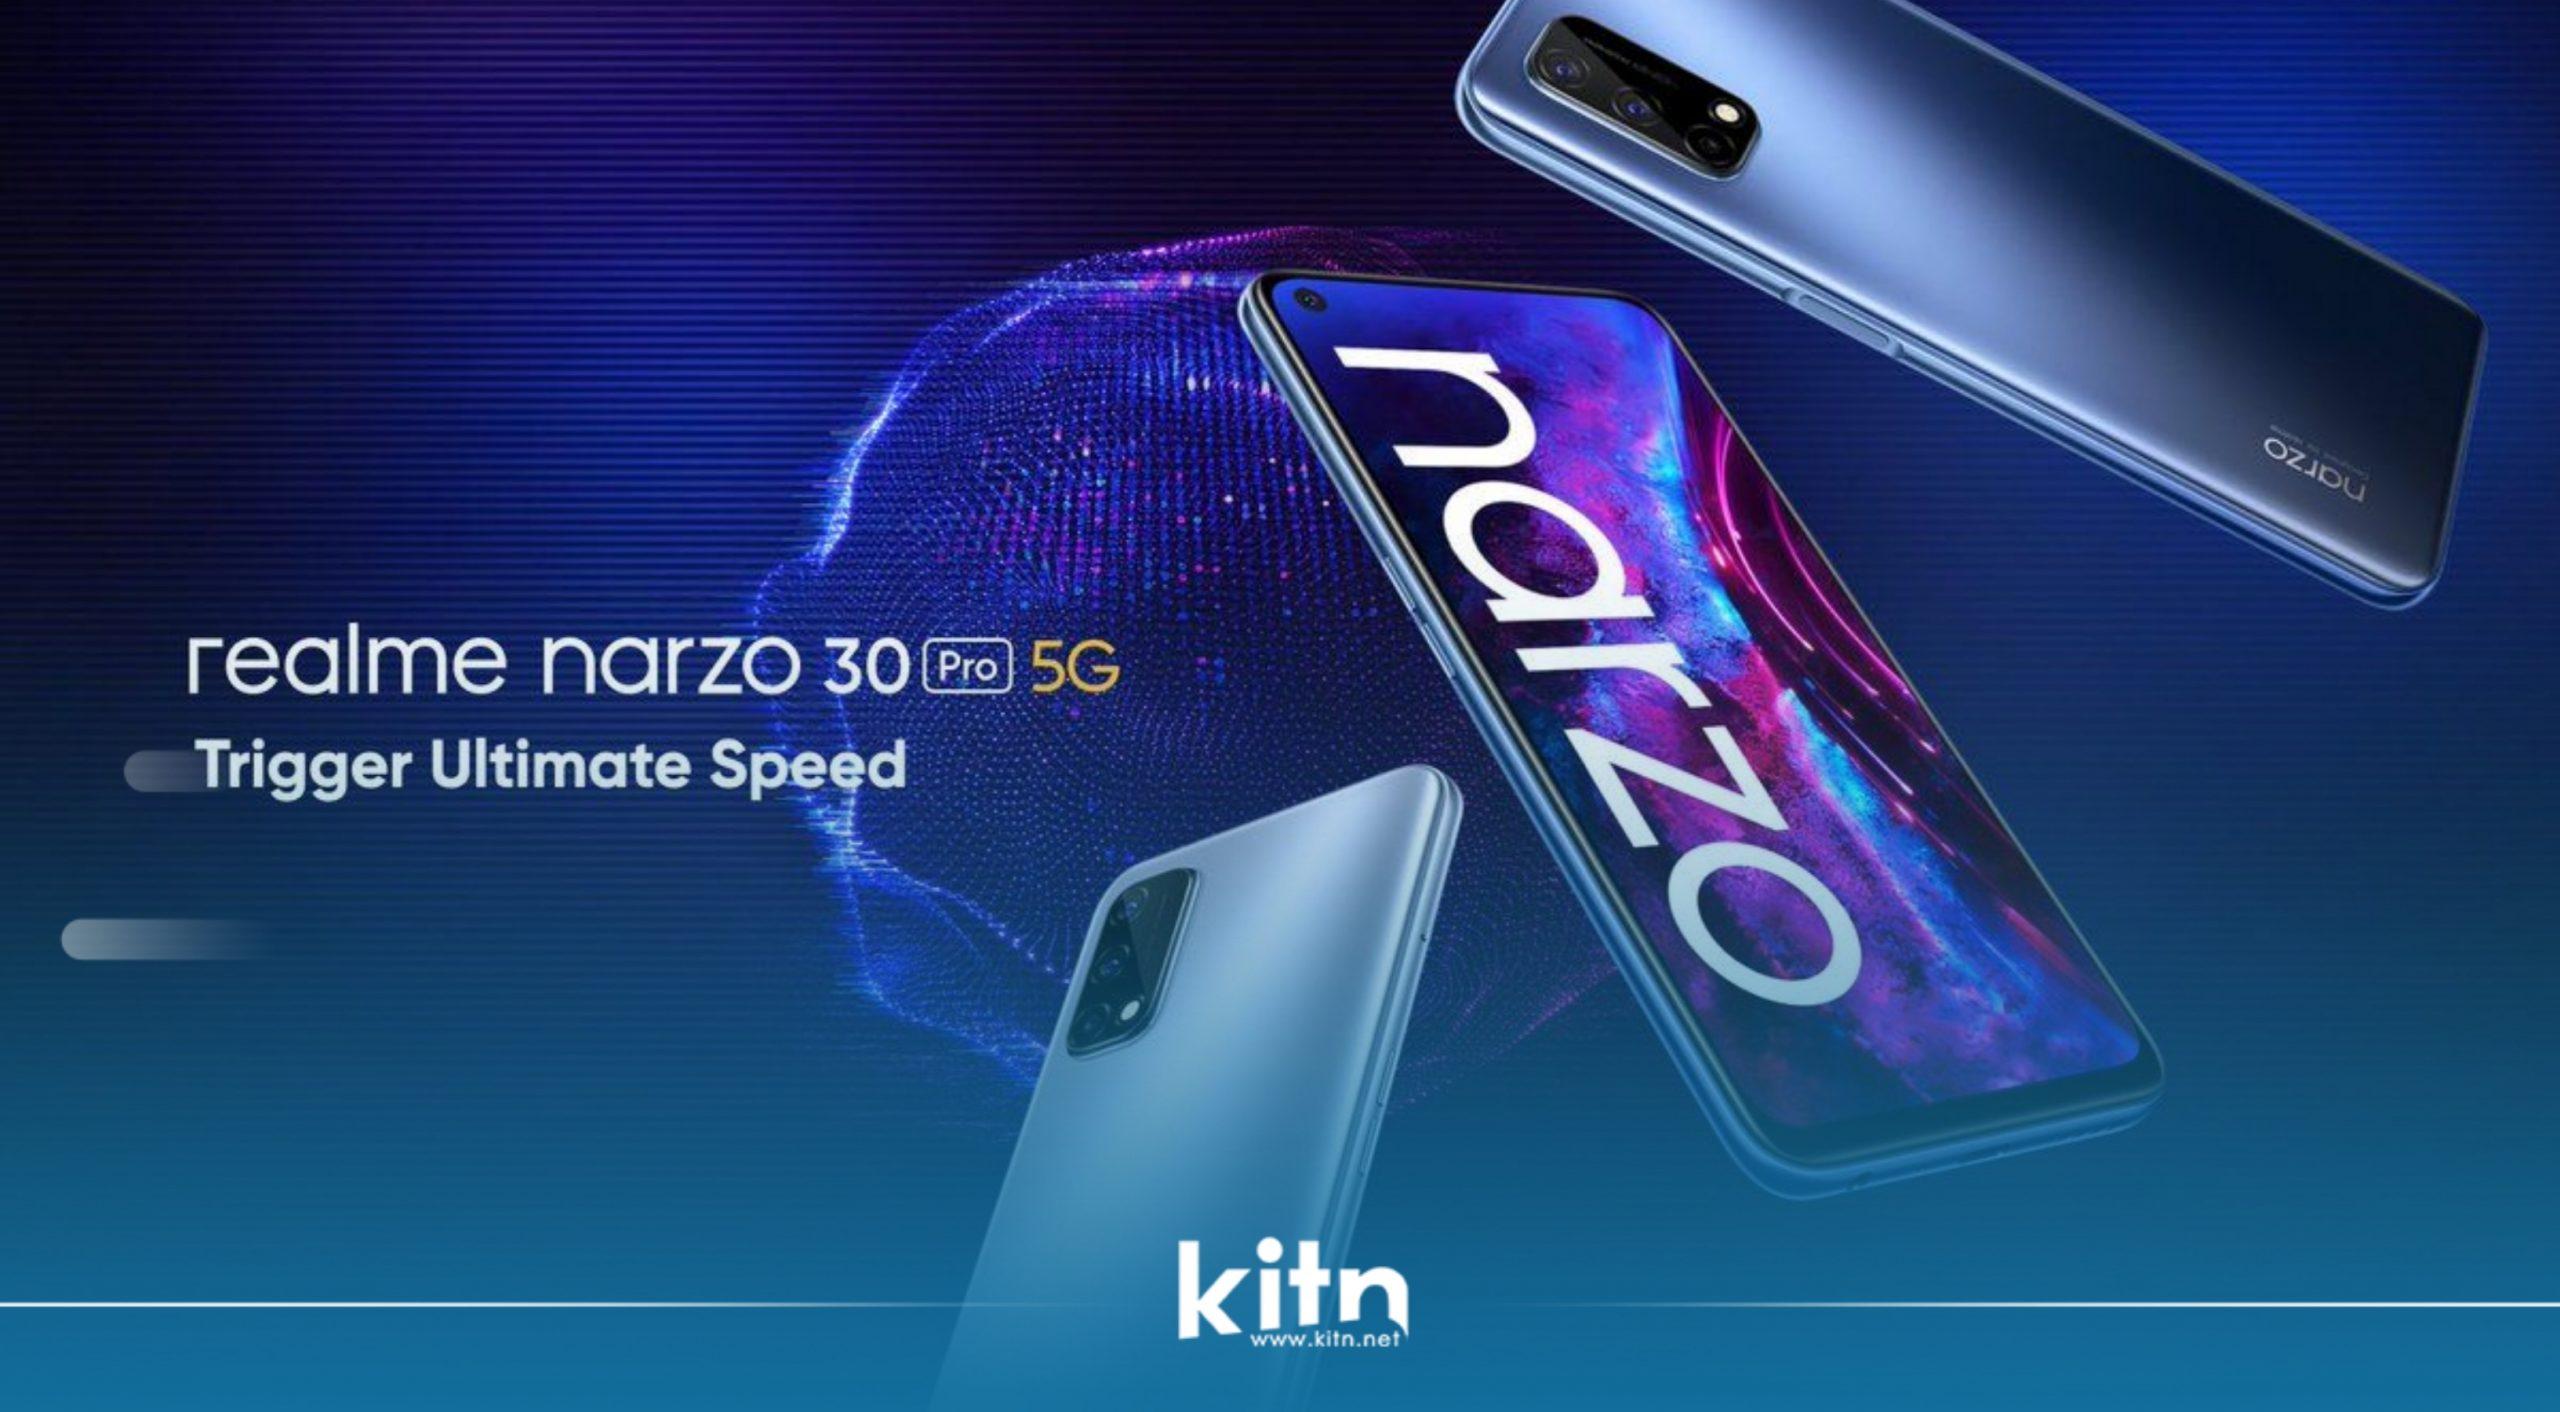 بە فەرمی هەردوو مۆبایلی Realme Narzo 30 Pro و Realme Narzo 30A نمایش کران